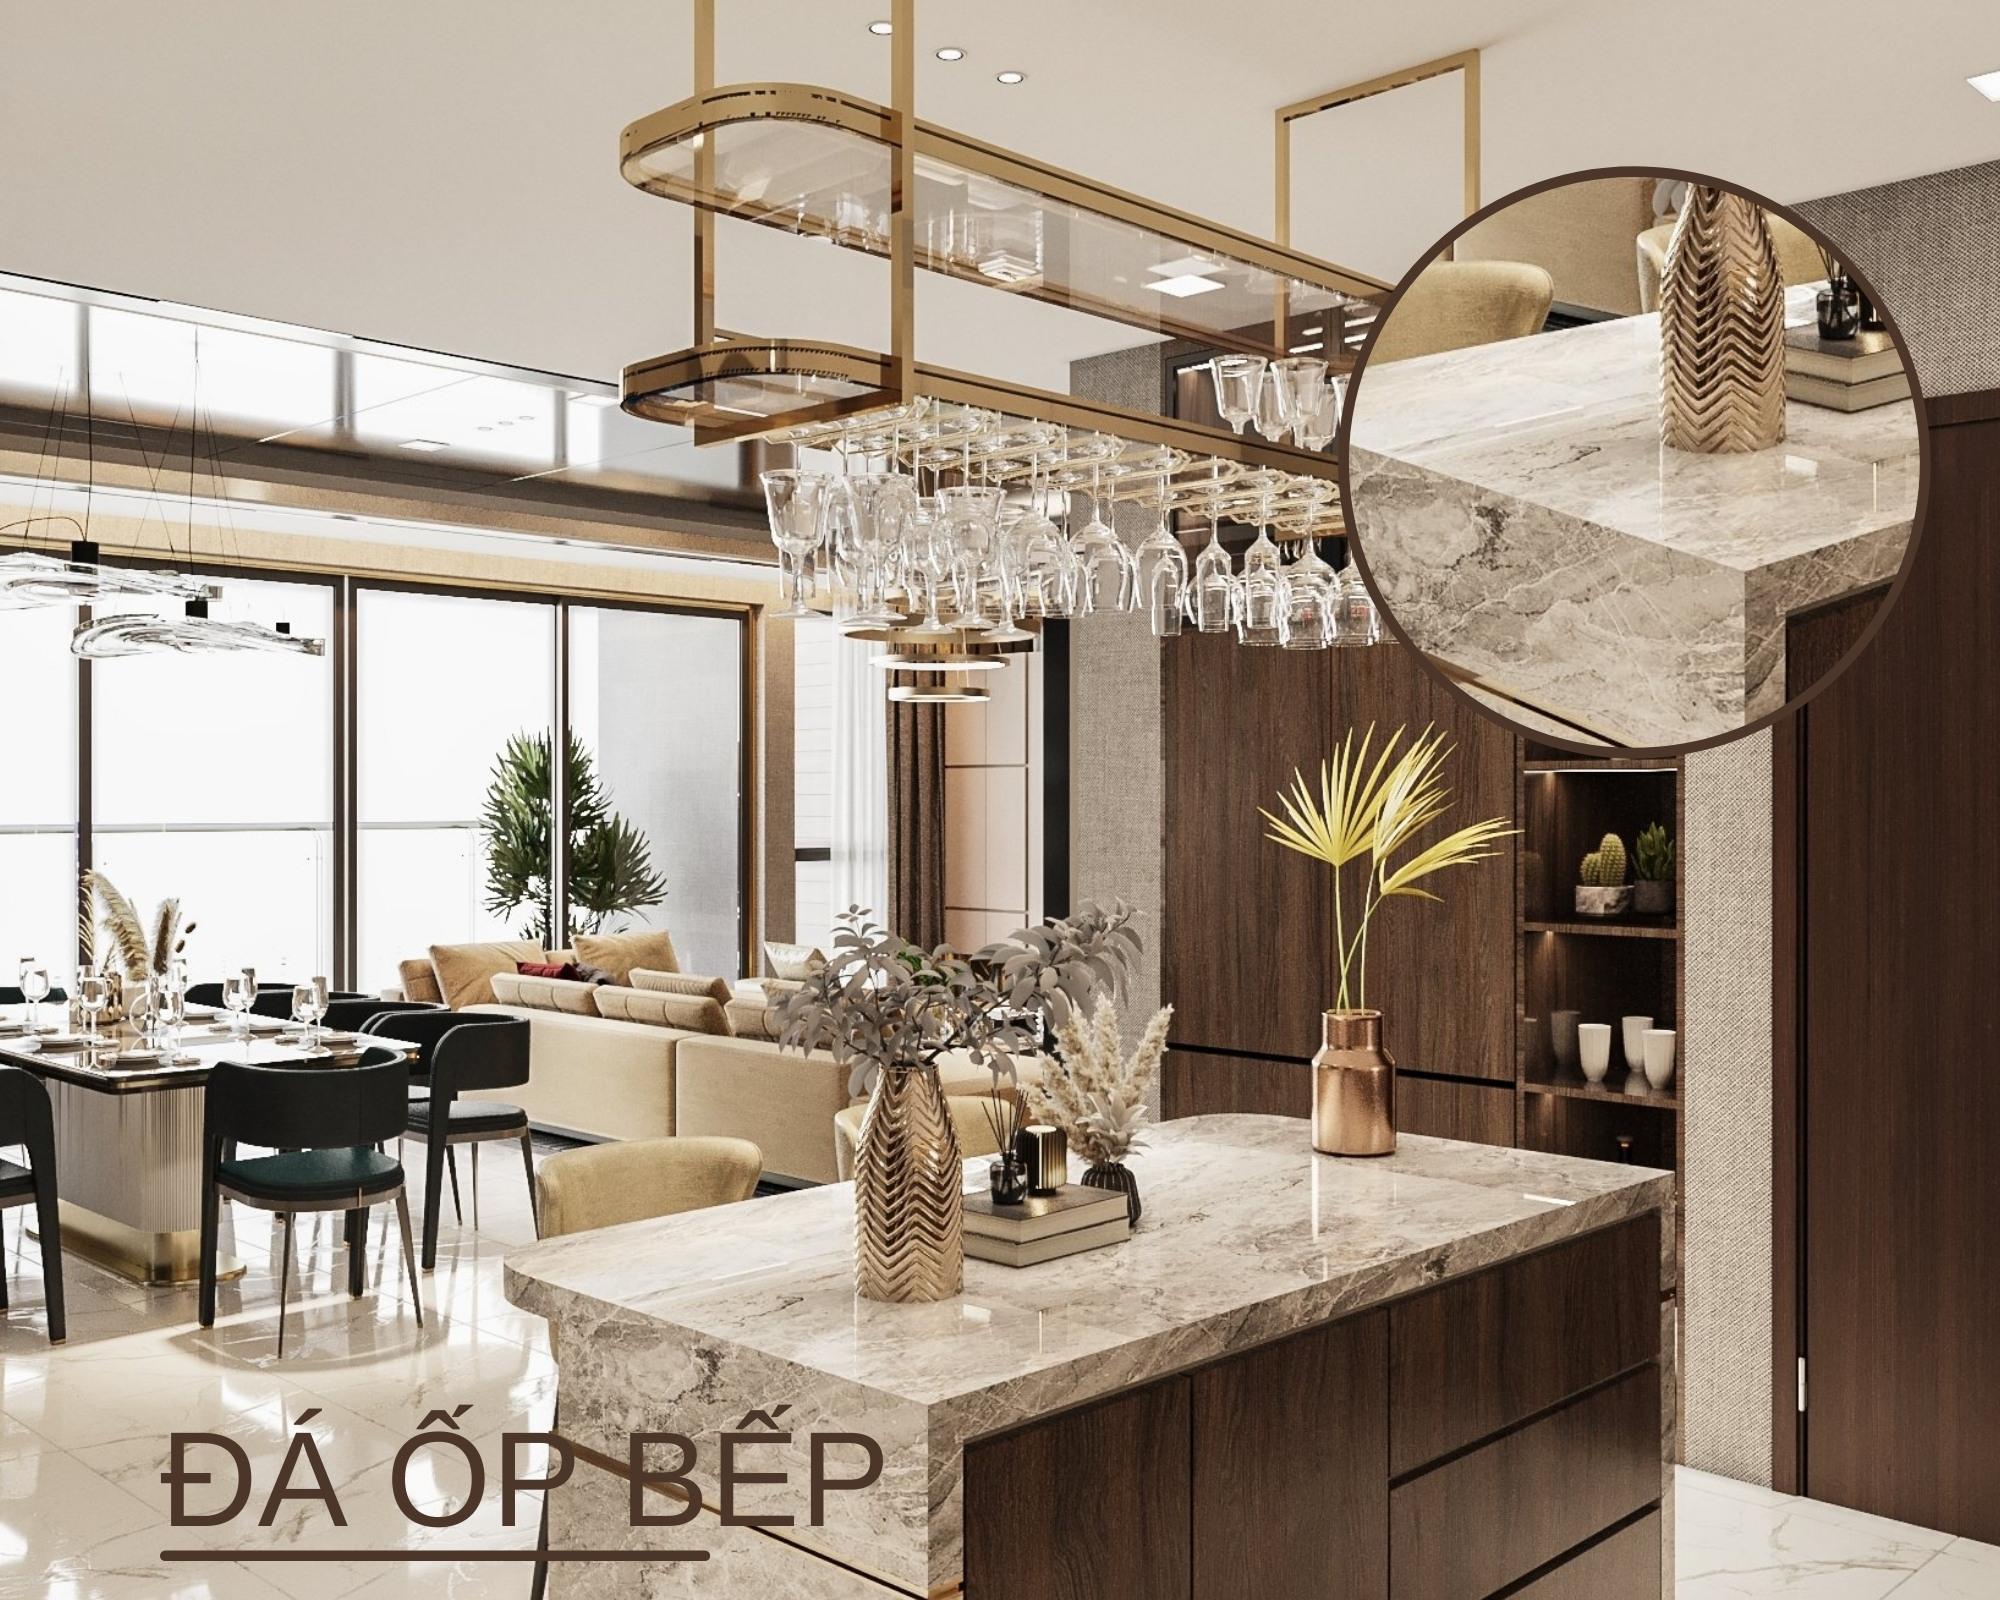 Chọn vật liệu thiết kế phòng bếp phong cách hiện đại